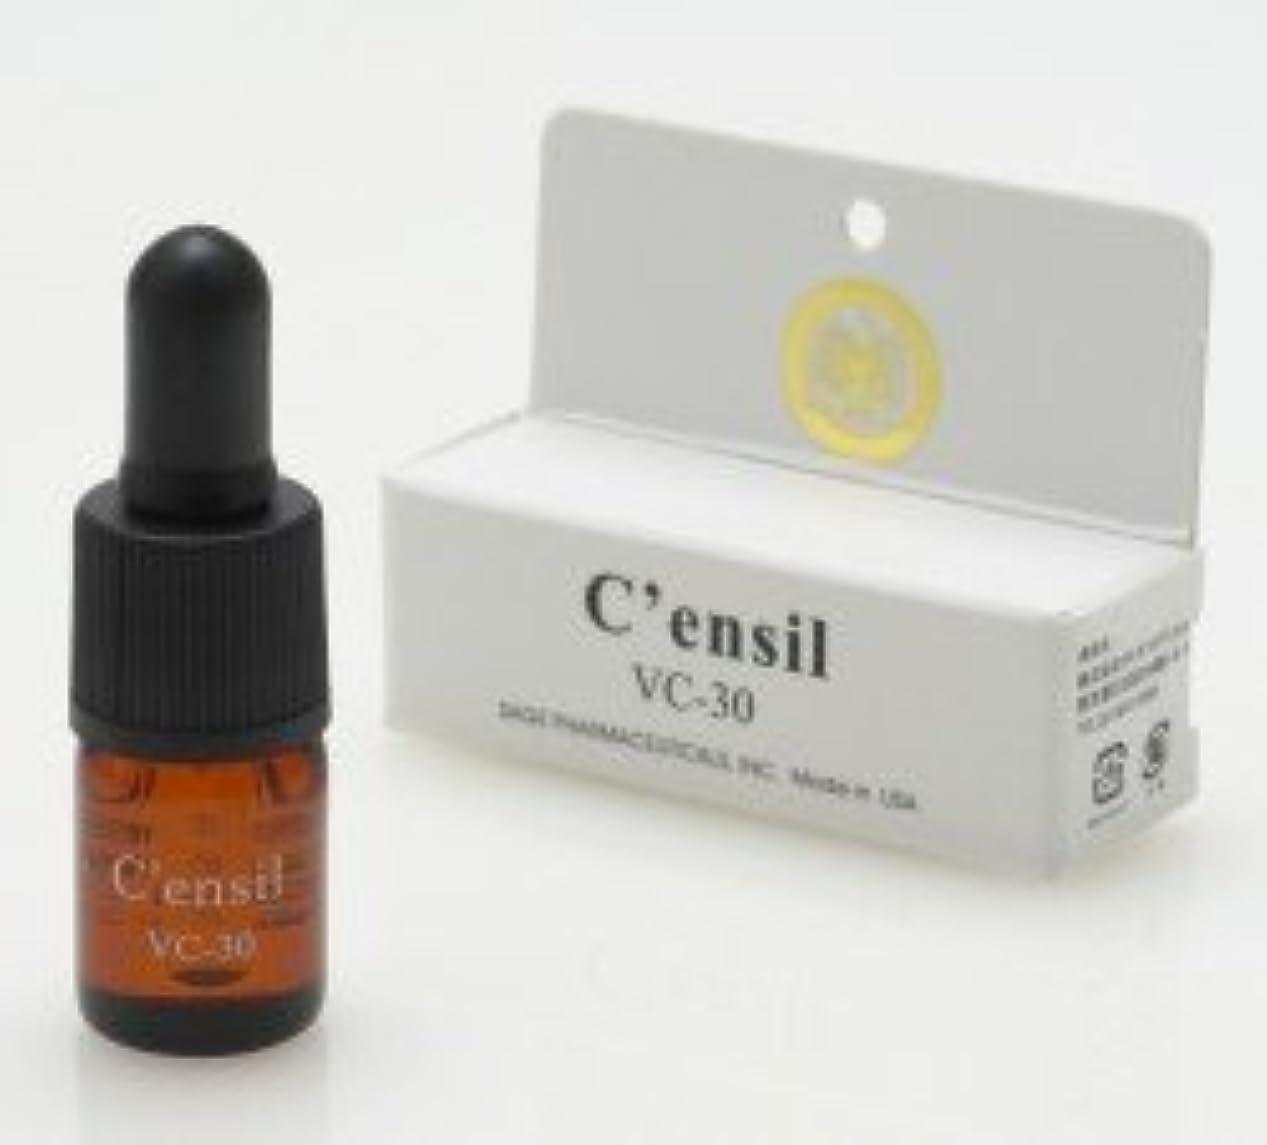 書く気体の色合いセンシル C'ensil VC-30 ミニ 2ml 美容液